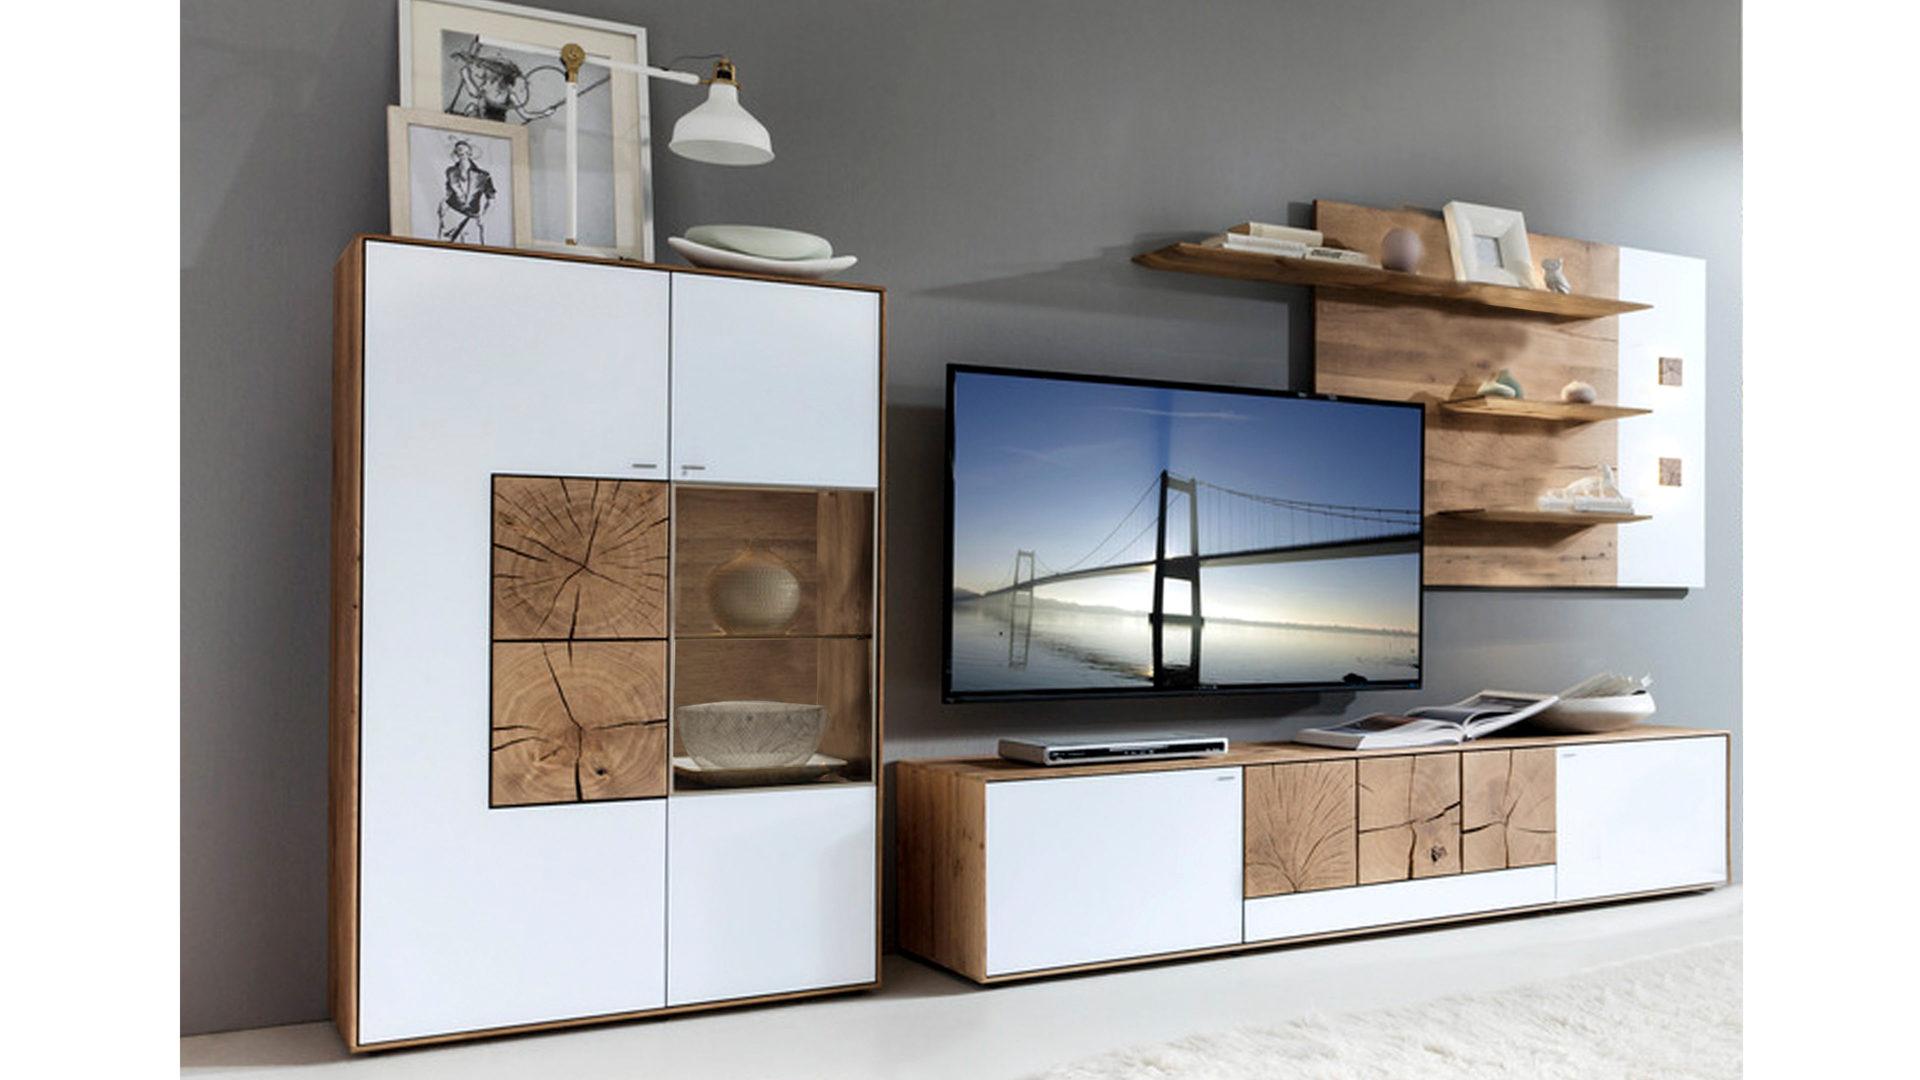 Wohnwand mit Vitrinenschrank und Regalen, weißes Mattglas & Kerneiche –  Breite ca. 6 cm